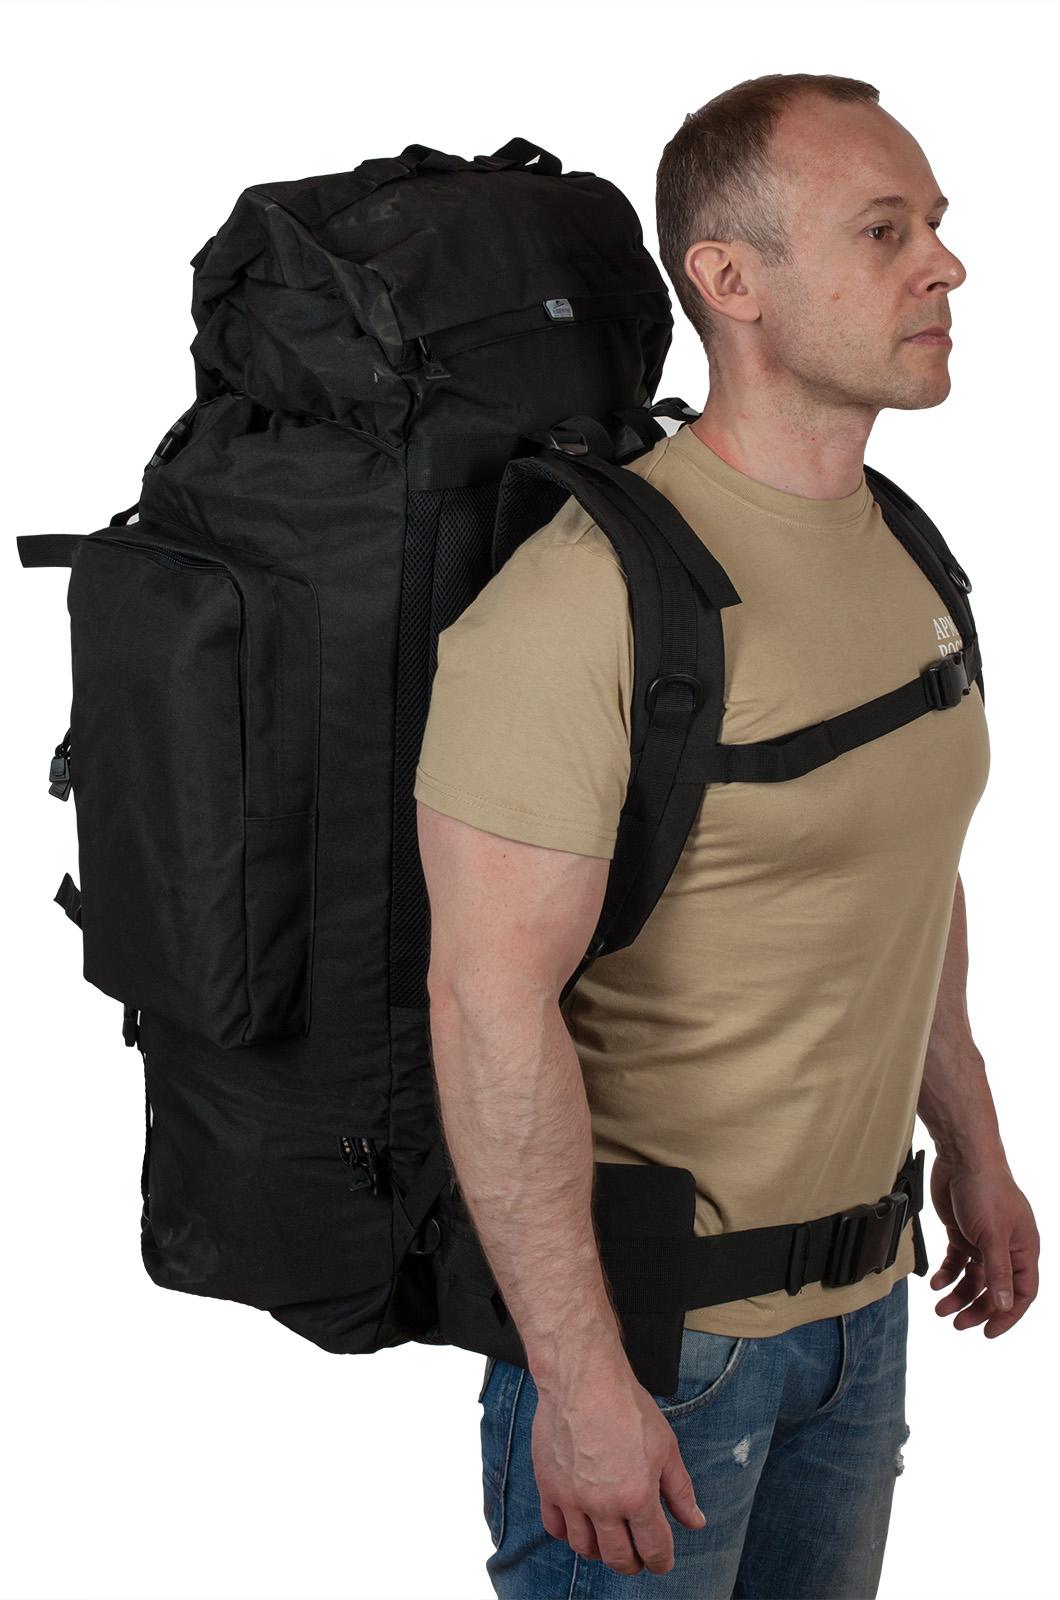 Многодневный тактический рюкзак ДПС ГИГАНТ Max Fuchs - купить с доставкой